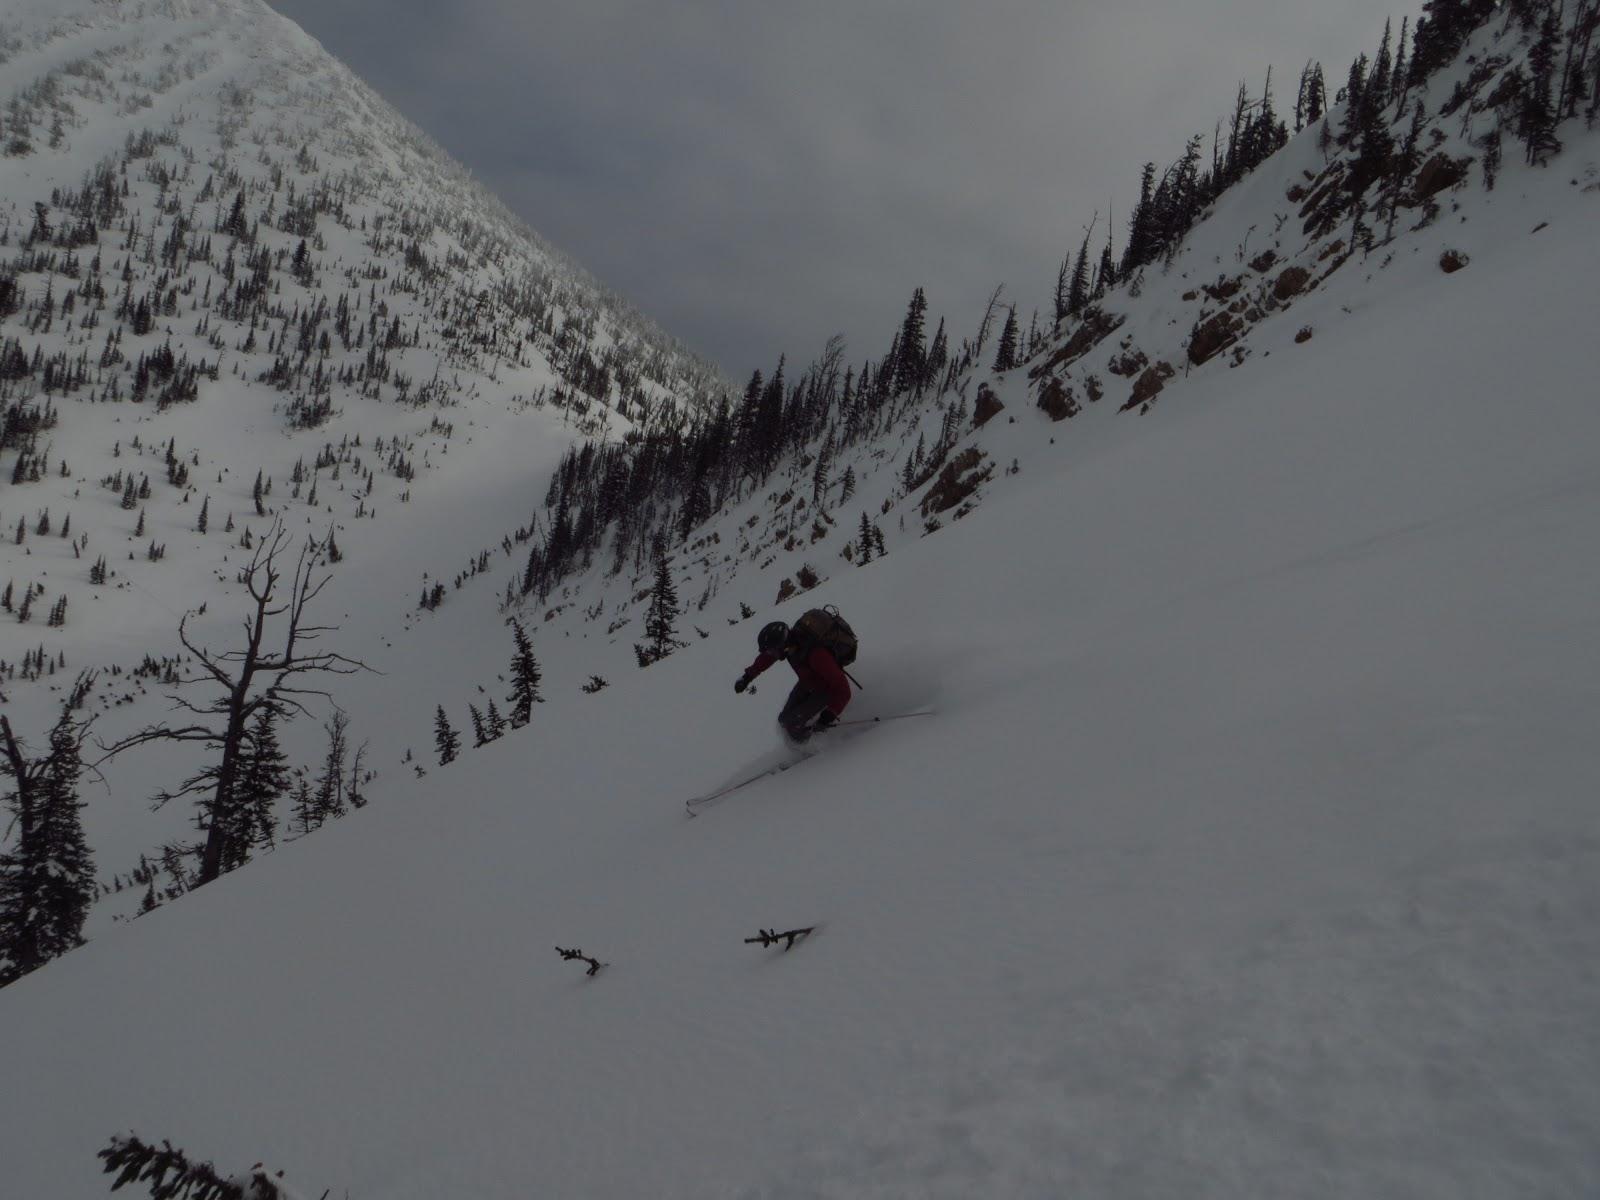 Skier Boyz Dickey Creek Essex Mt